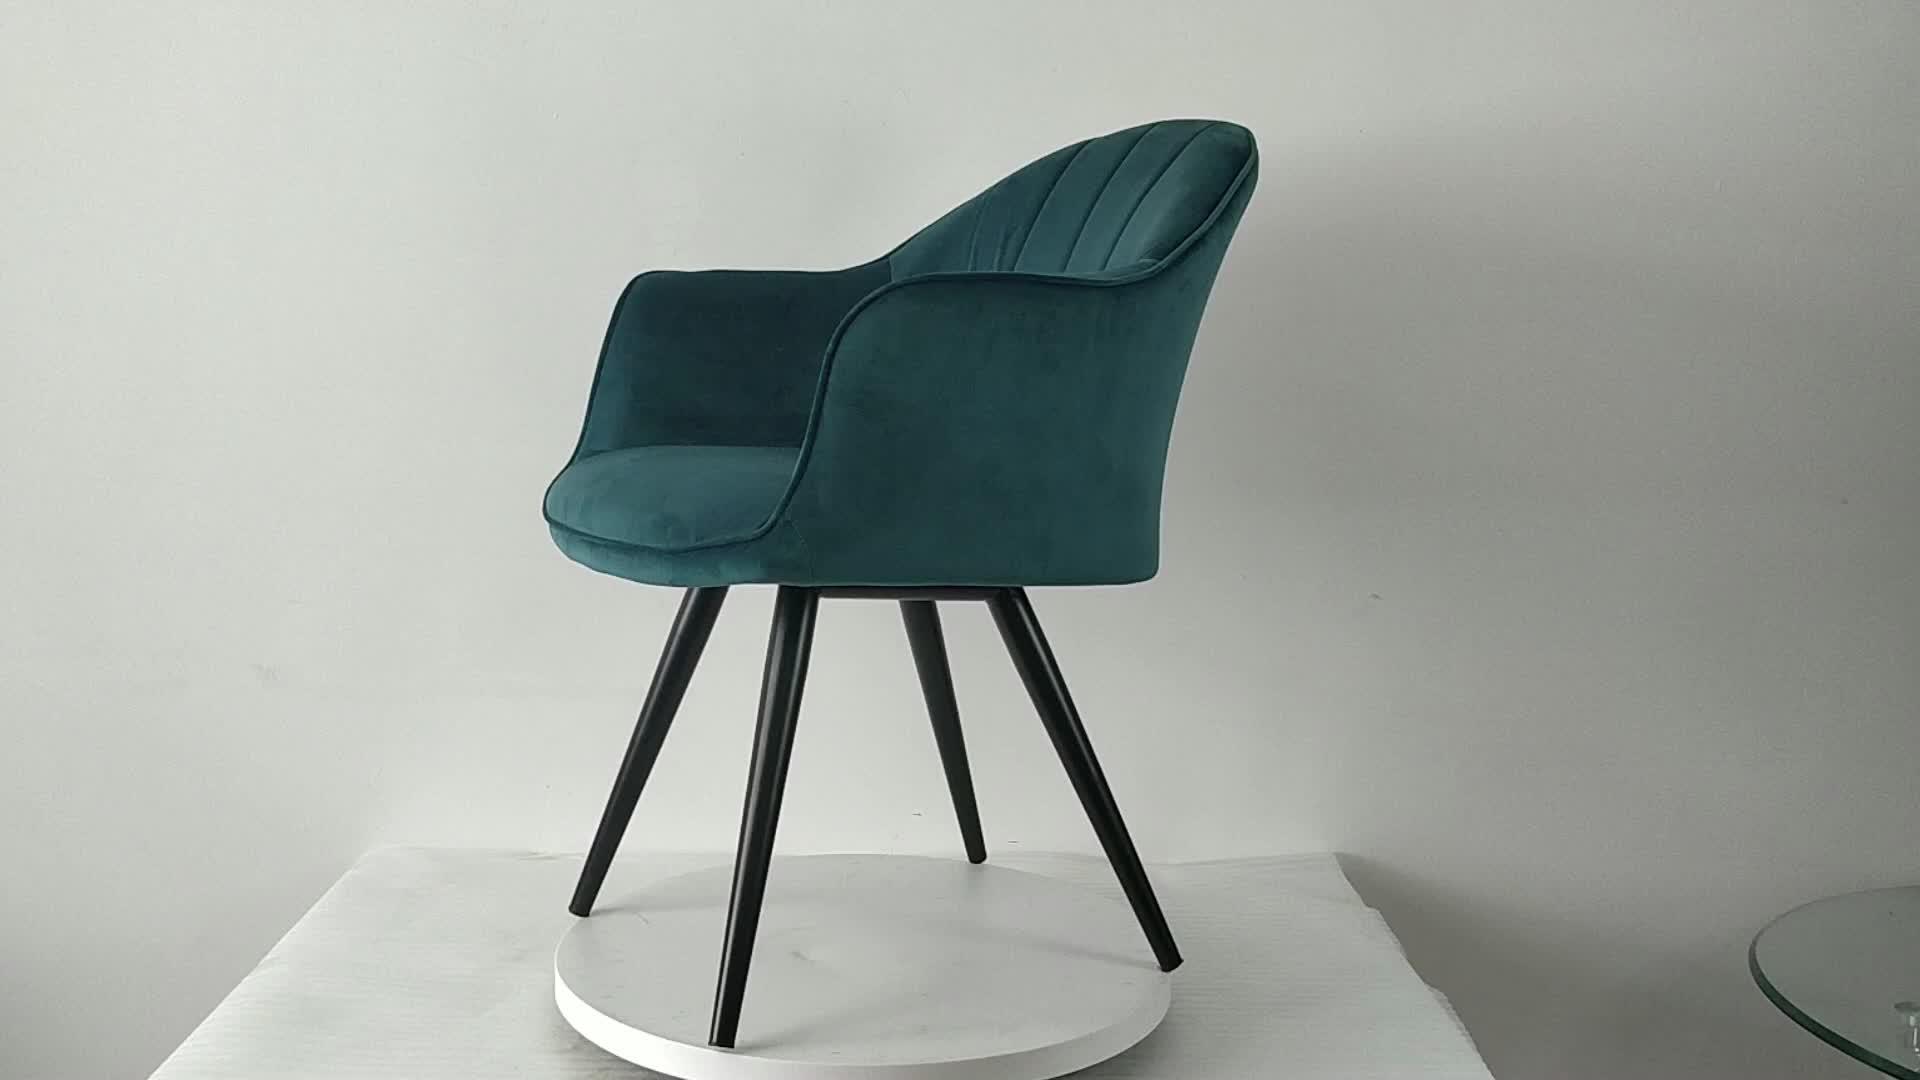 Silla de comedor moderna de tela de terciopelo con patas de Metal, muestra gratuita de muebles de comedor Rooom